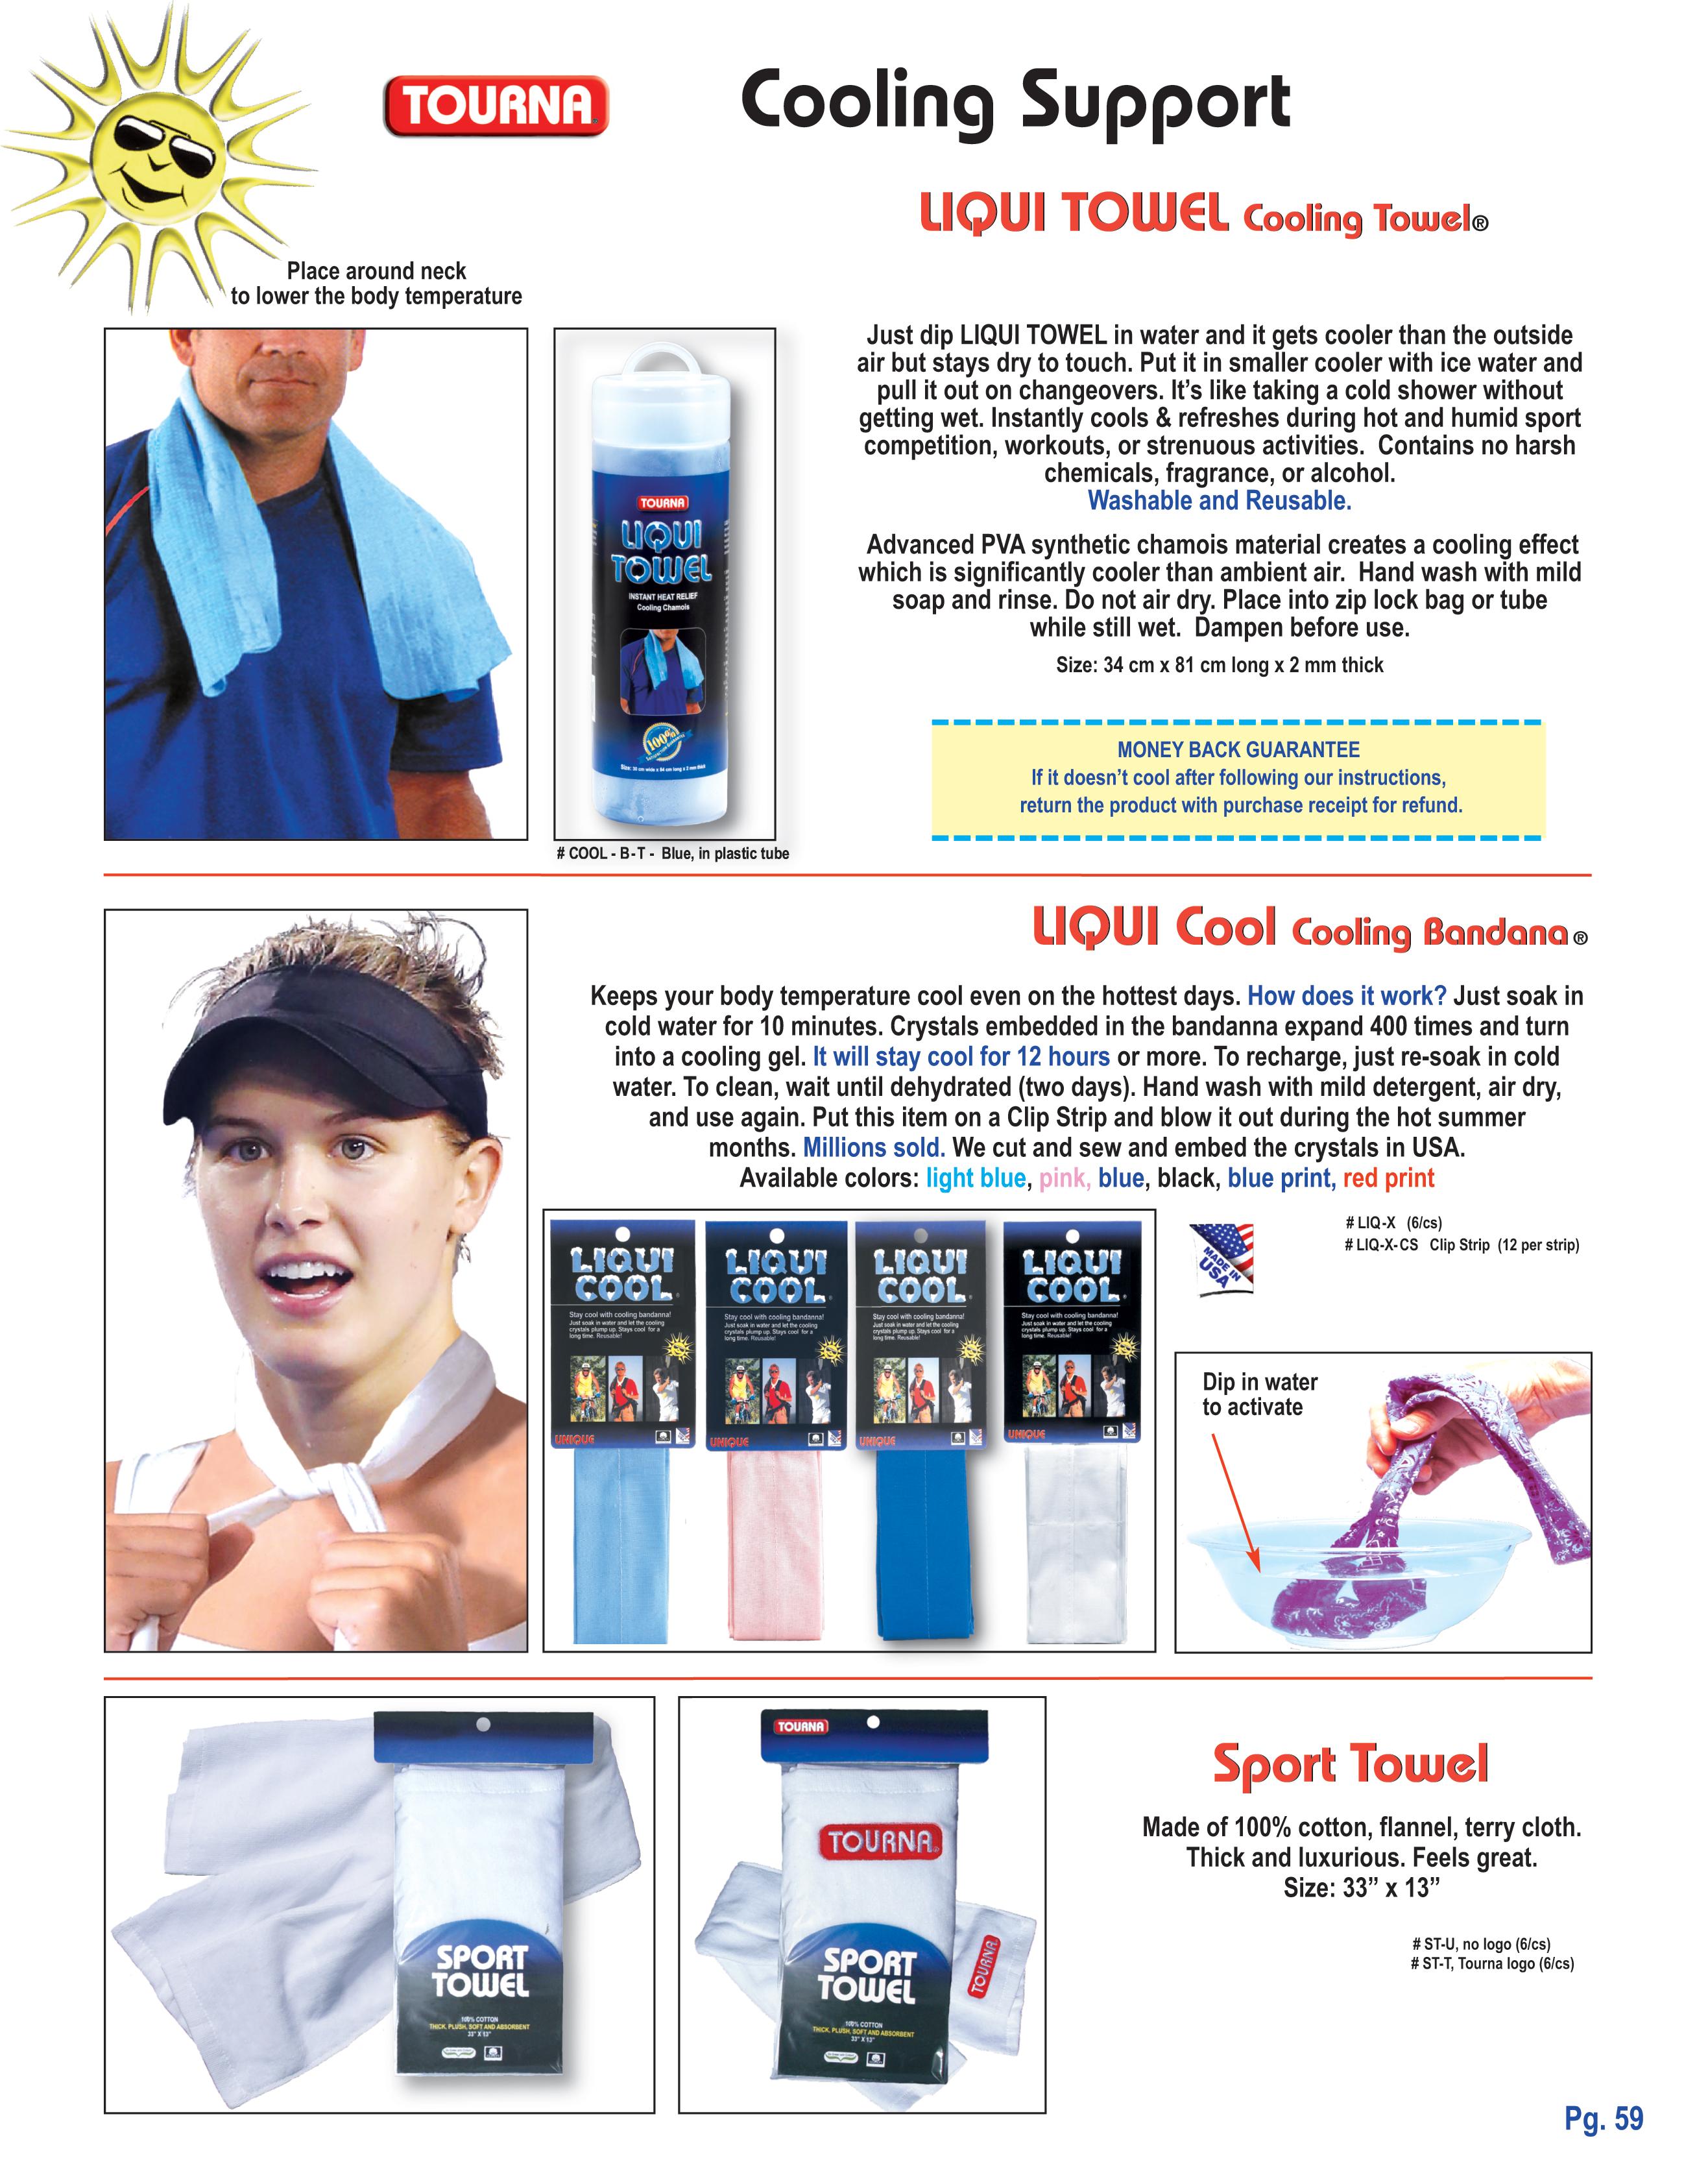 Brand New Sealed Blue Tourna Liqui Towel